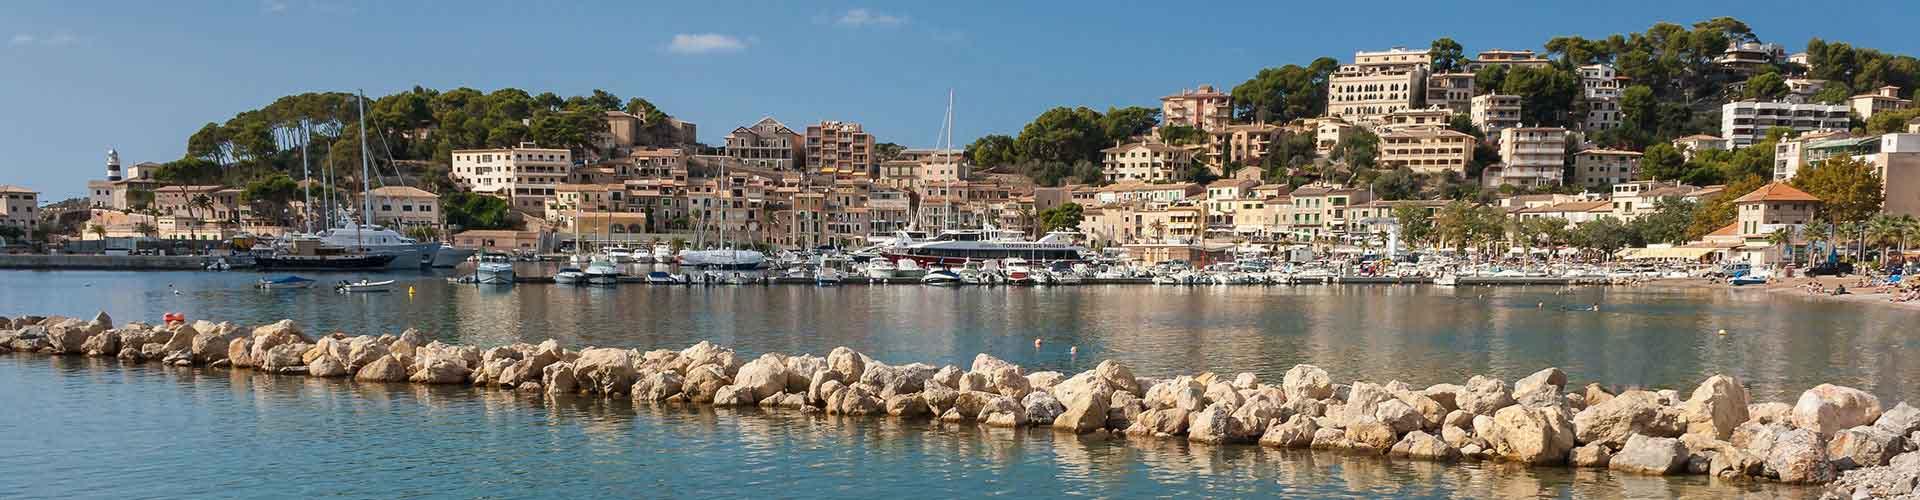 Mallorca - Habitaciones en Mallorca. Mapas de Mallorca, Fotos y comentarios de cada Habitación en Mallorca.